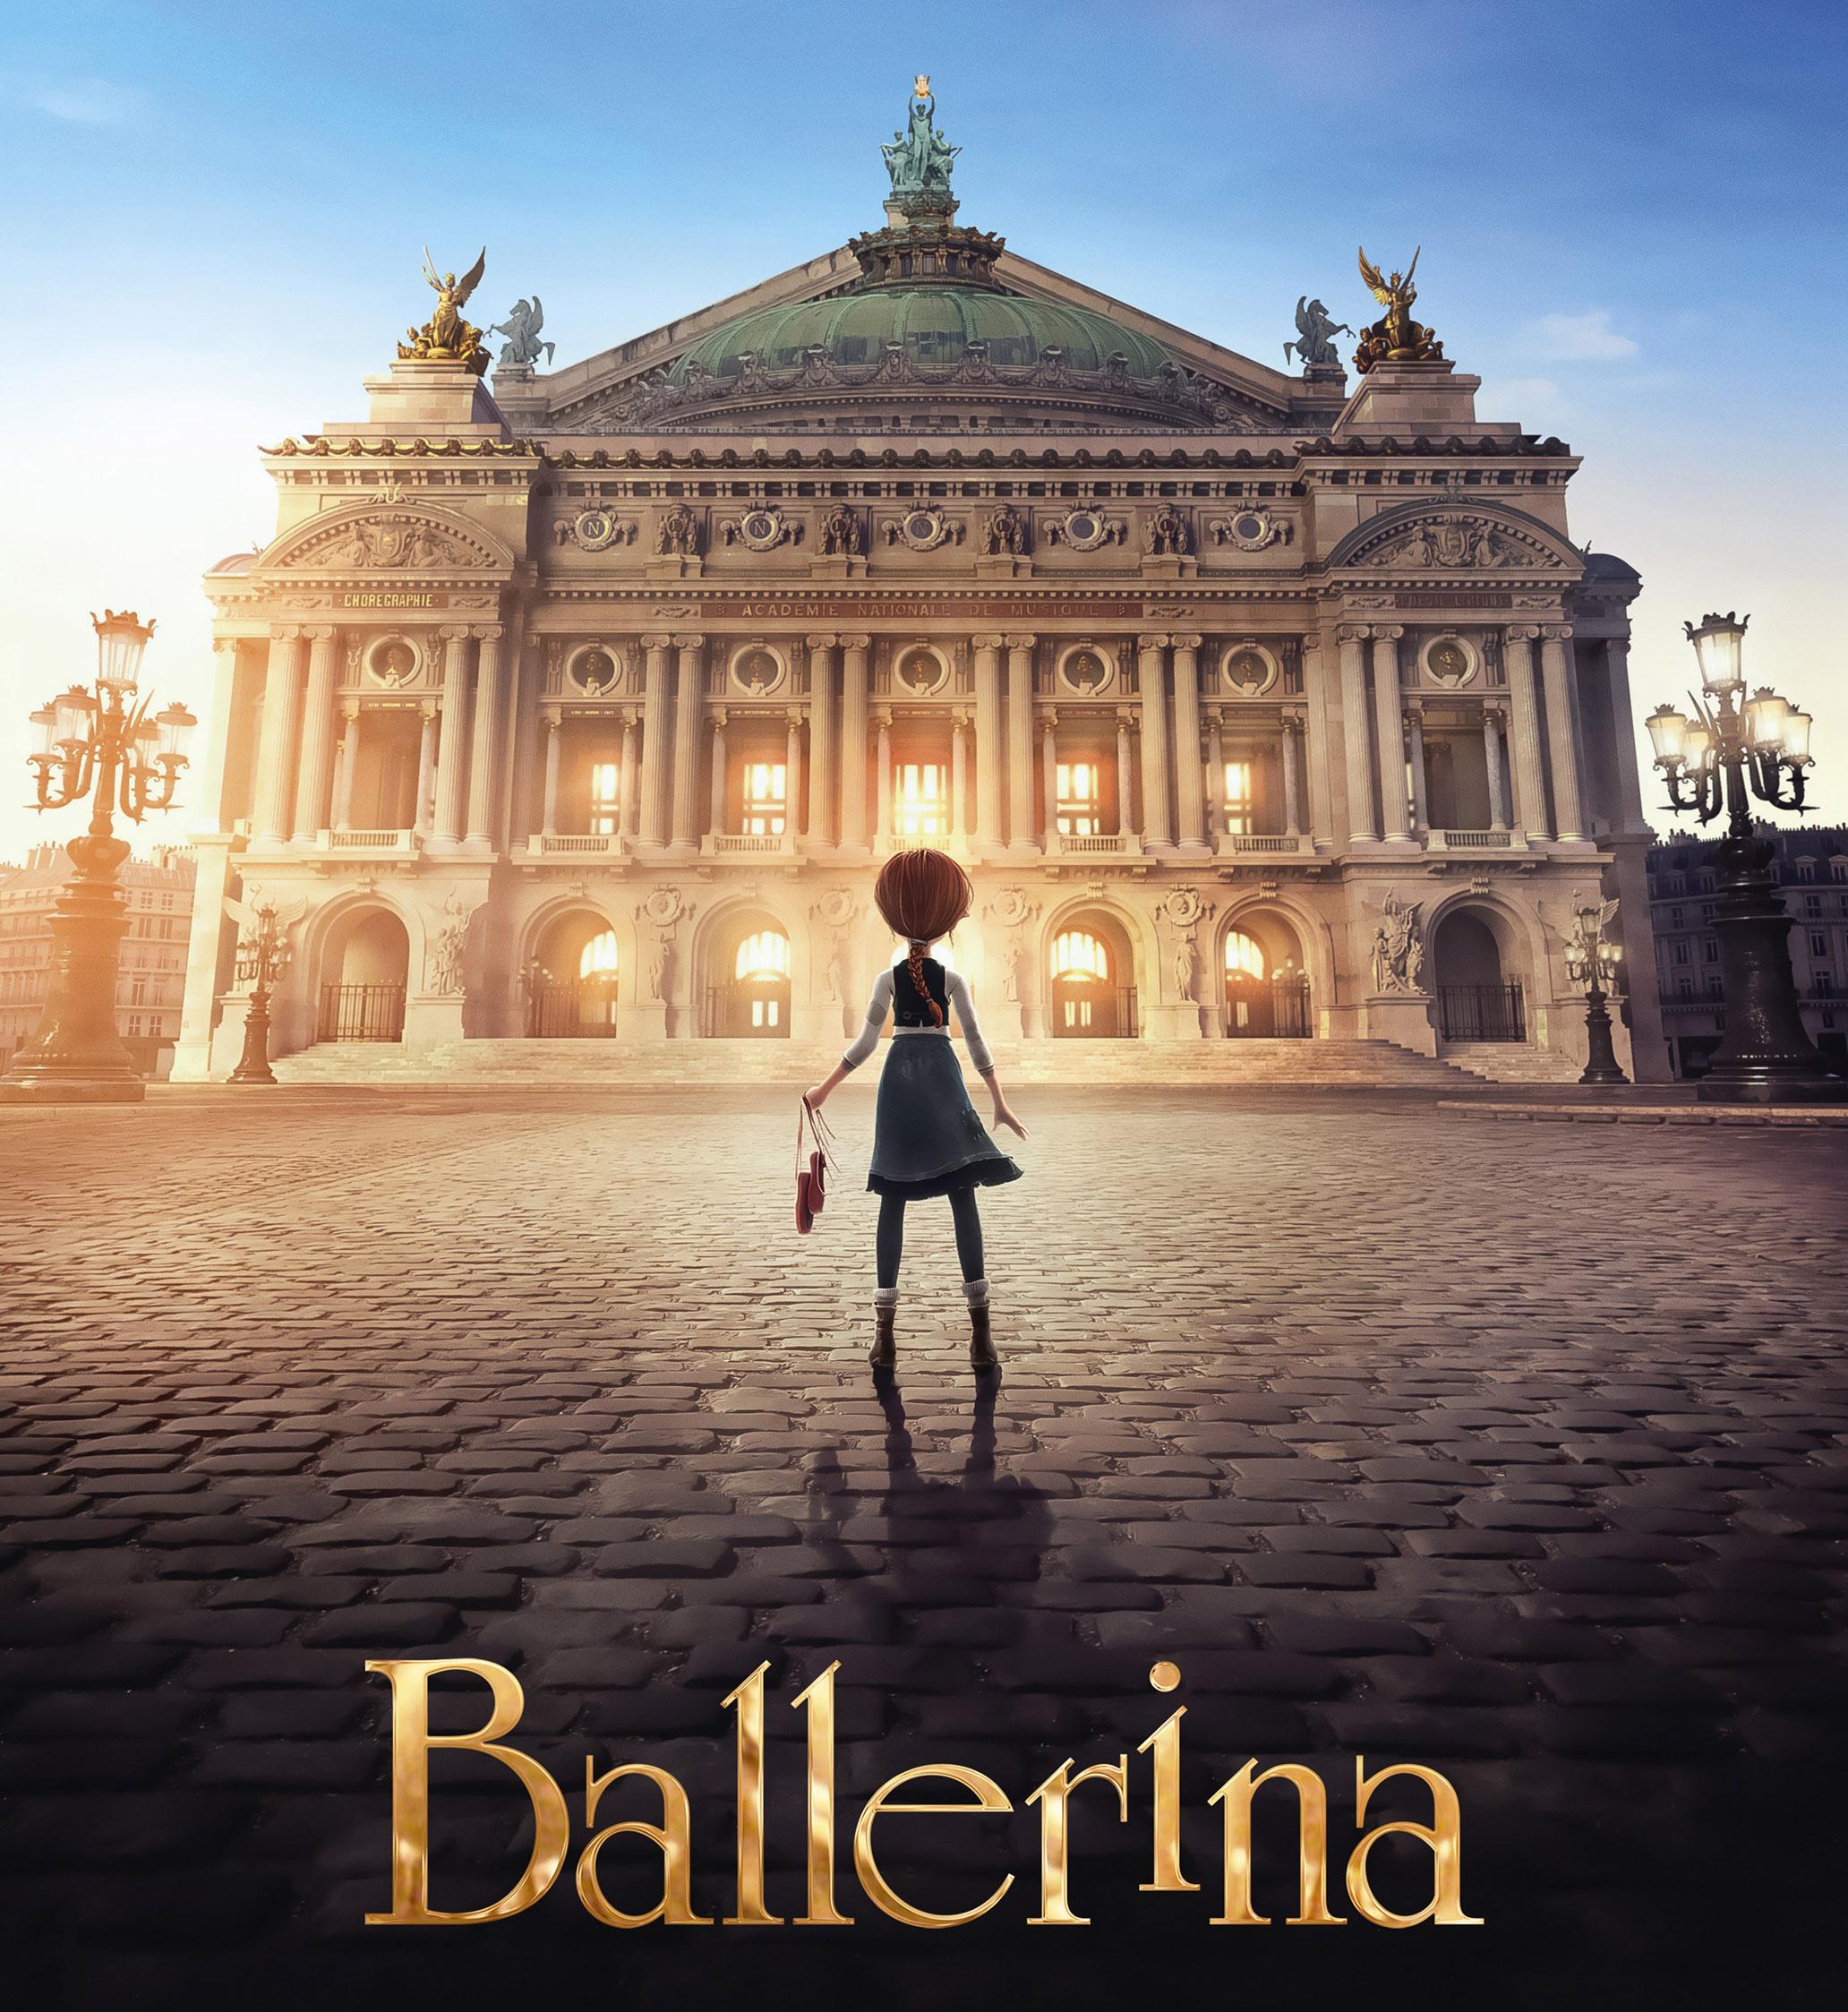 《芭蕾奇緣》巴黎歌劇院為片中的追夢殿堂。